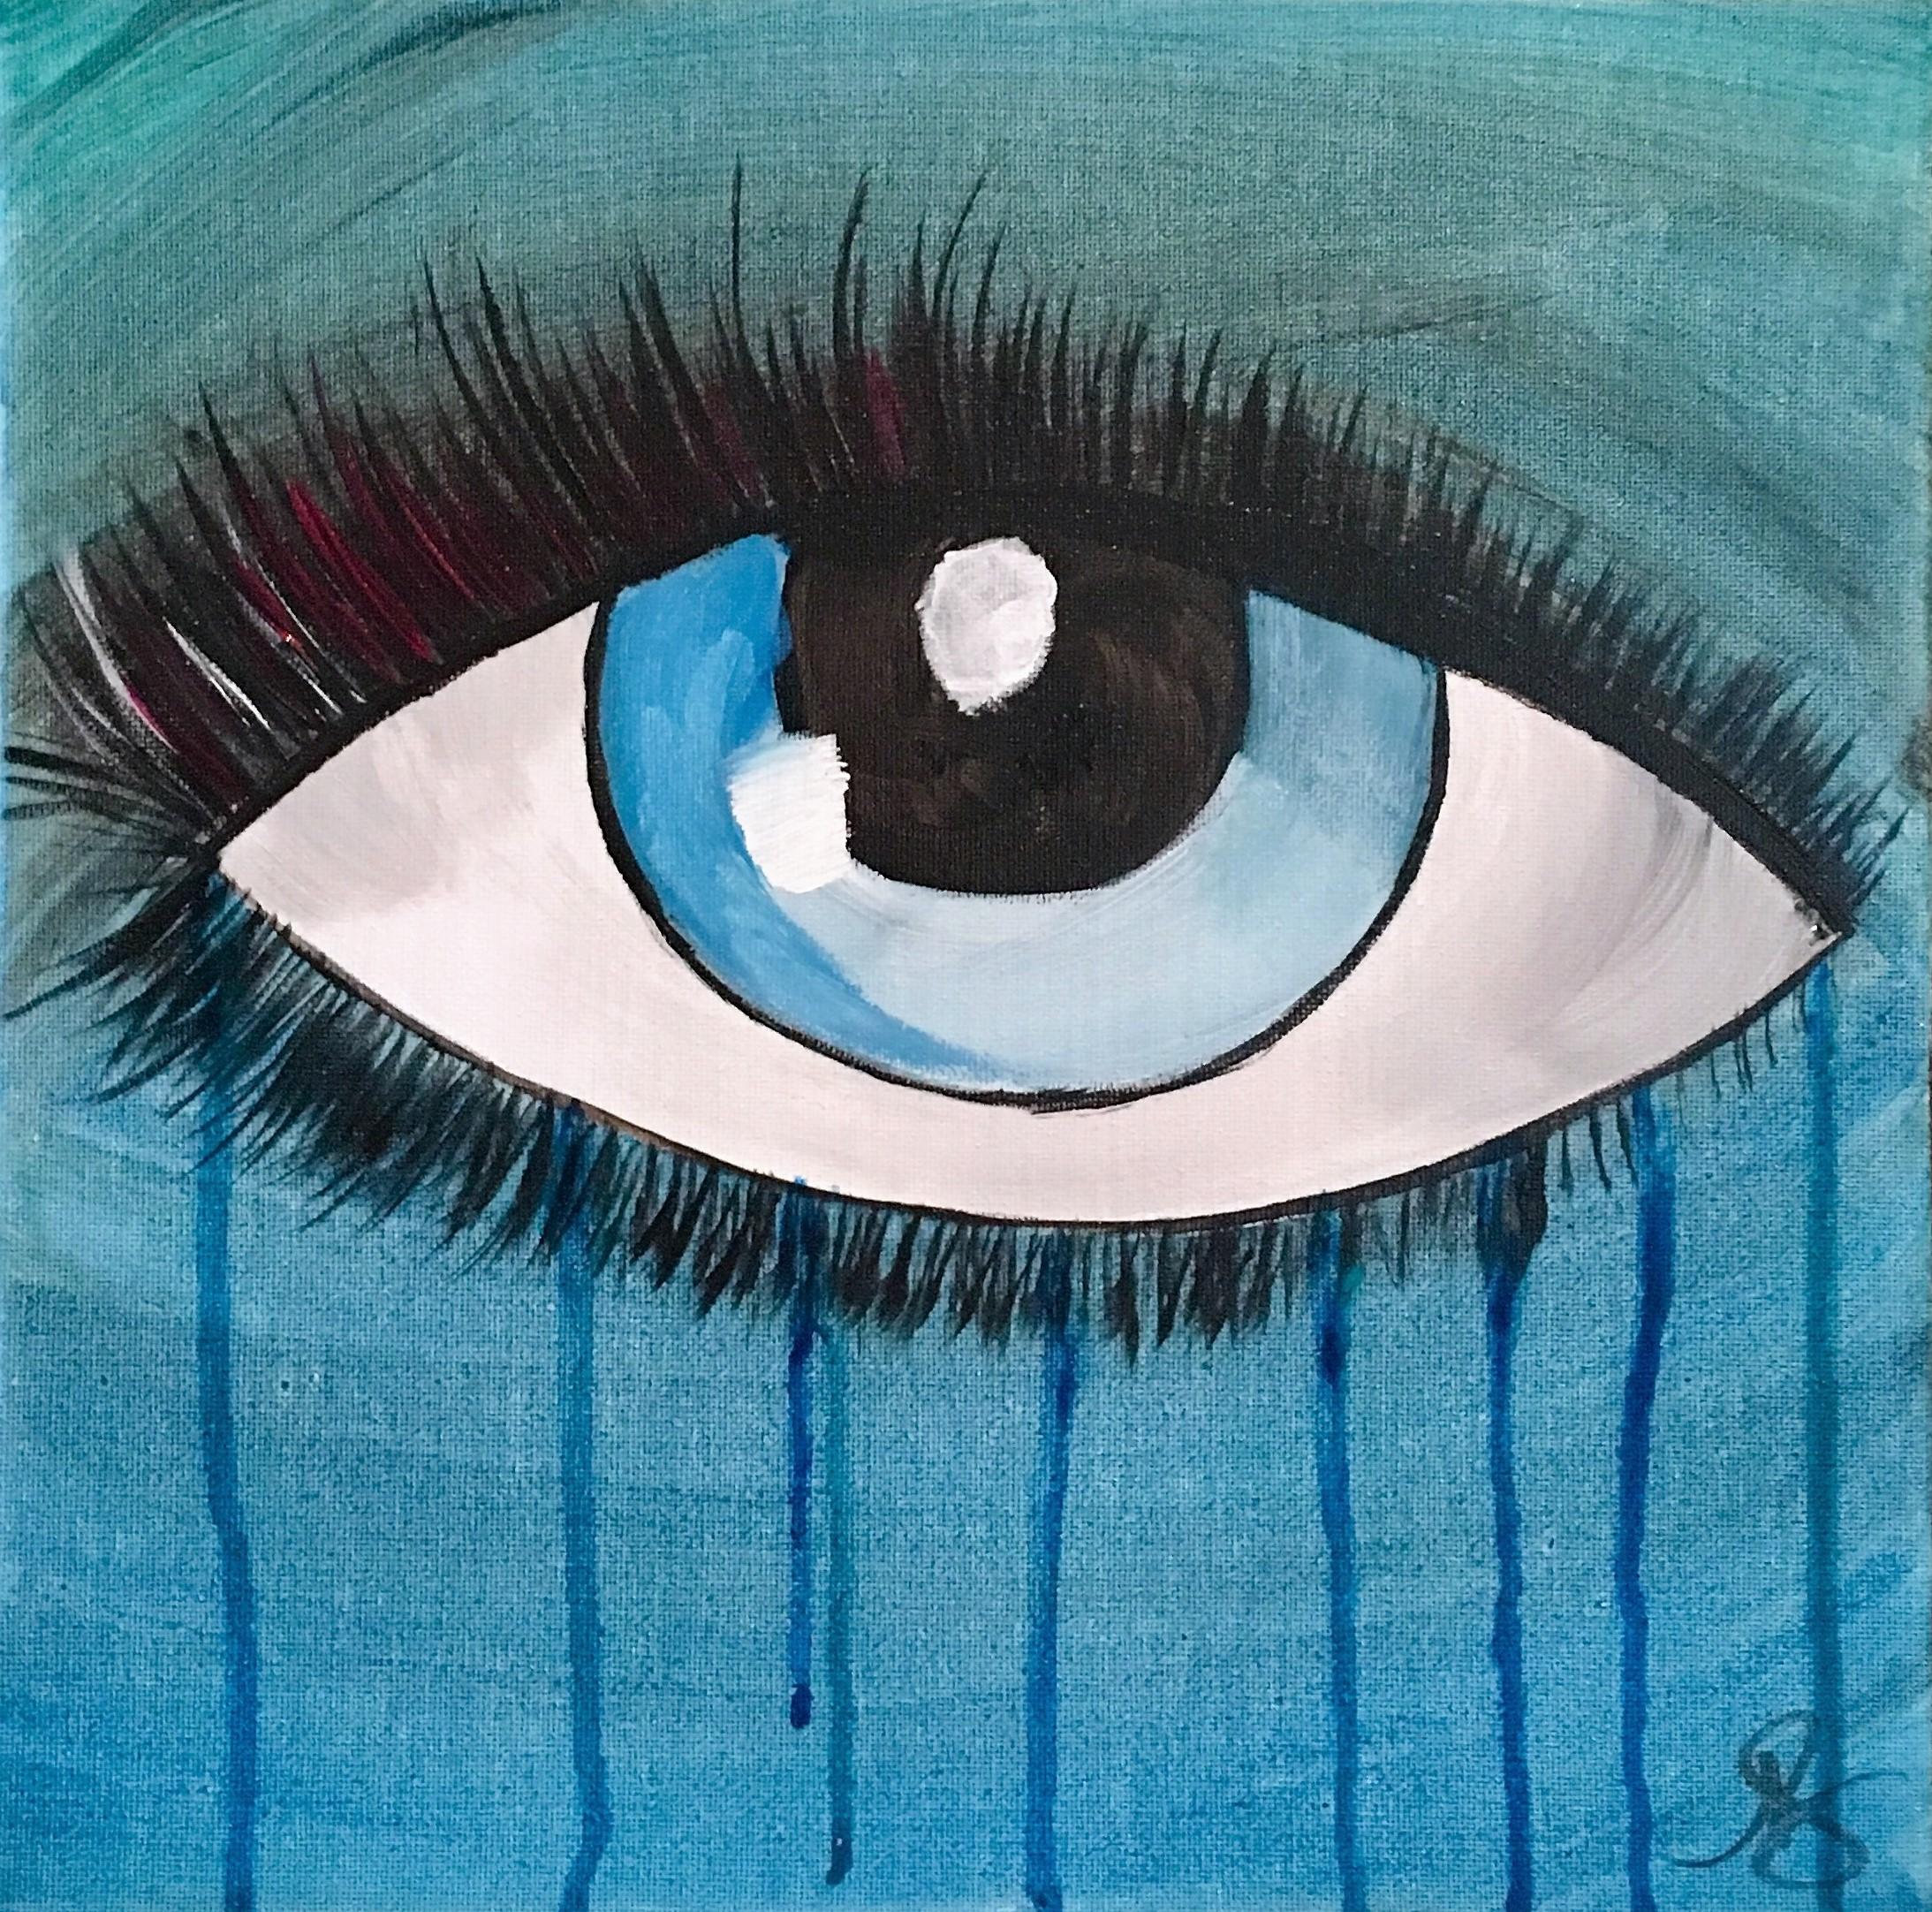 Eye See You #1 (2018)